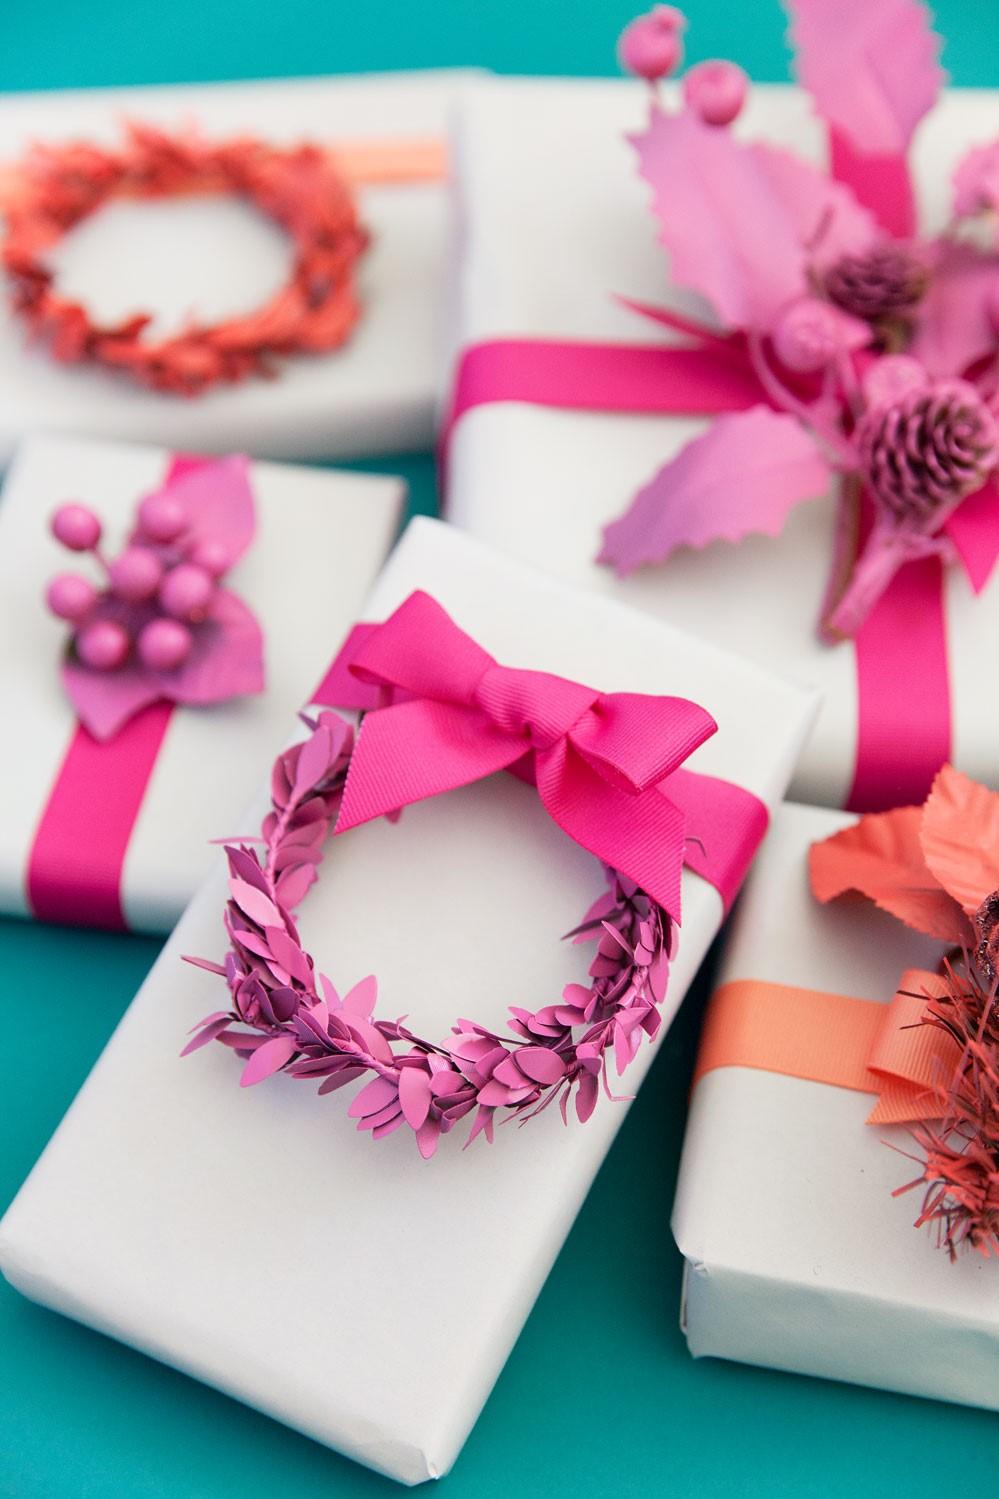 Ne vous limitez pas à utiliser uniquement du papier vert et rouge pour emballer les cadeaux de Noël.